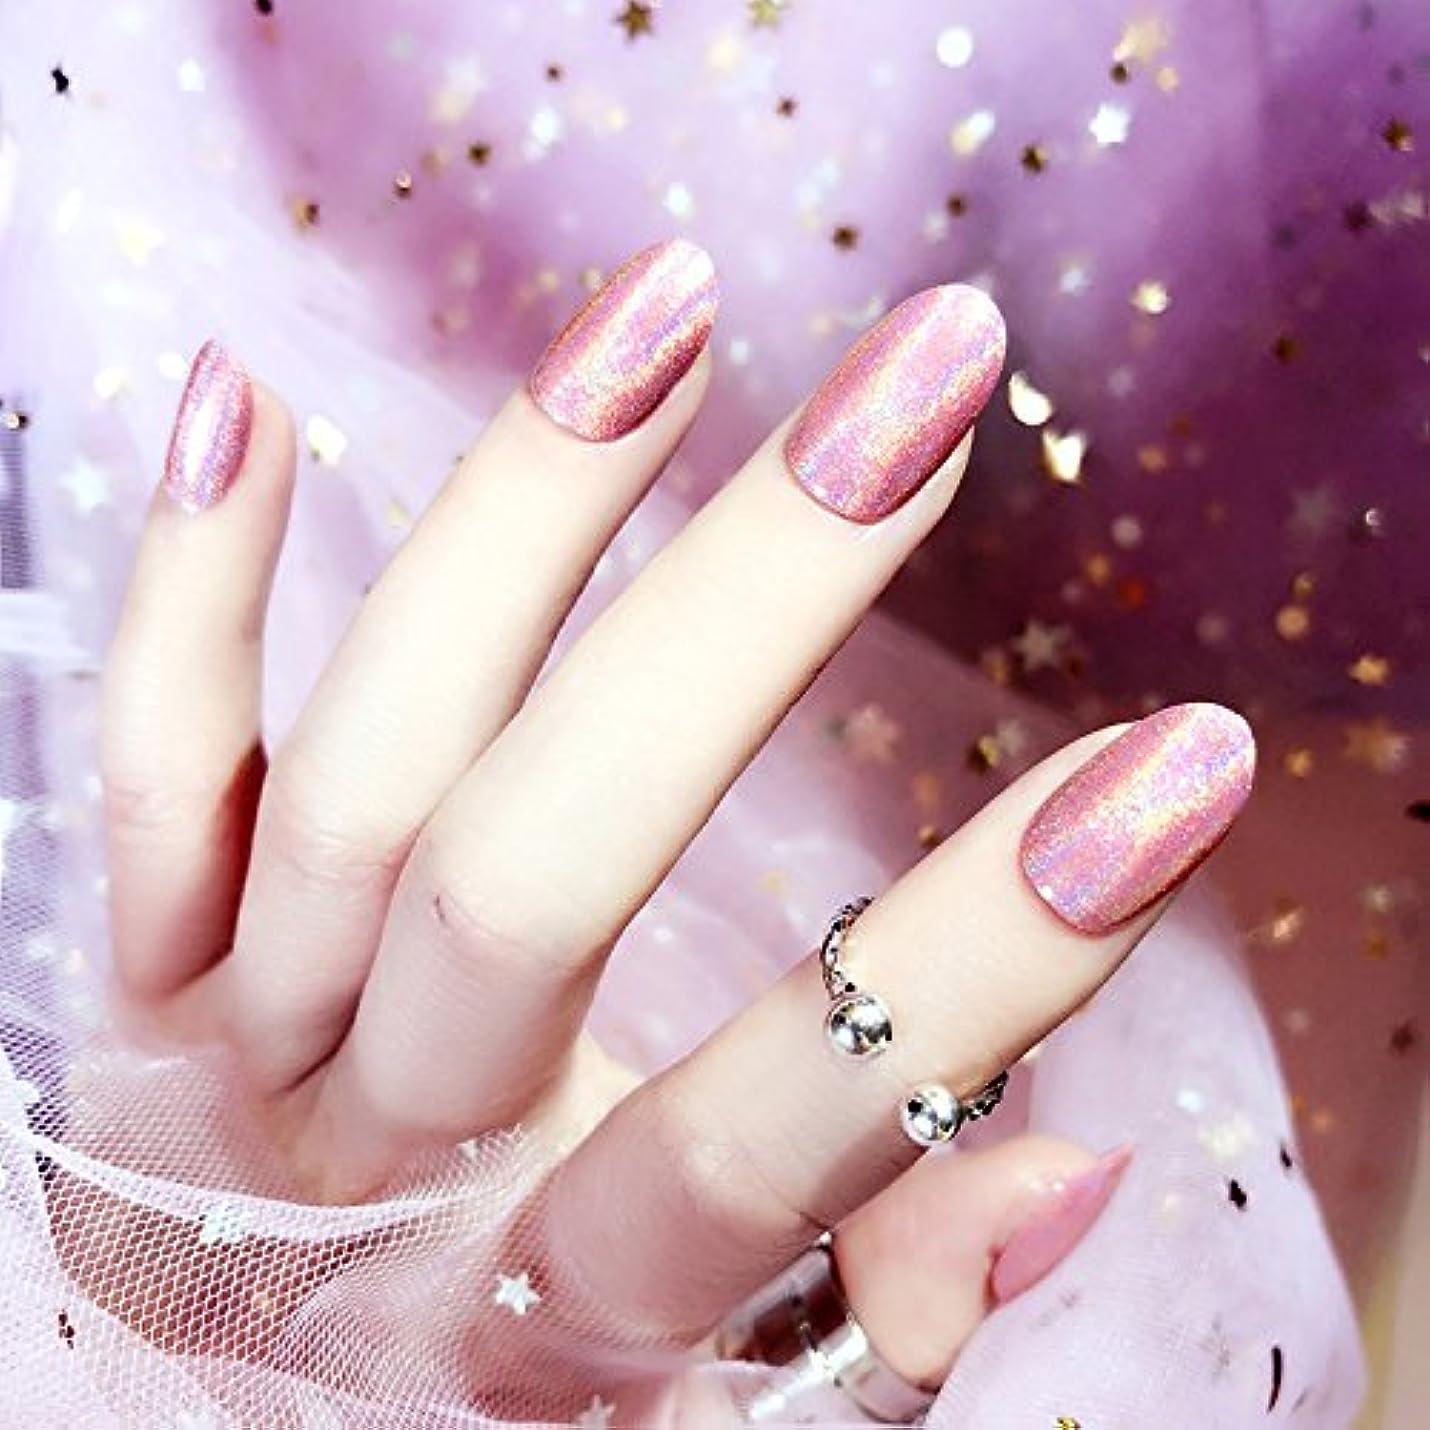 いわゆる十分ではない試みる質感 彩がつく 24枚純色付け爪 ネイル貼るだけネイルチップ レーザー 多重光沢 お花嫁付け爪 ジェルネイルの光疗法 シンフォニー (アメジスト)